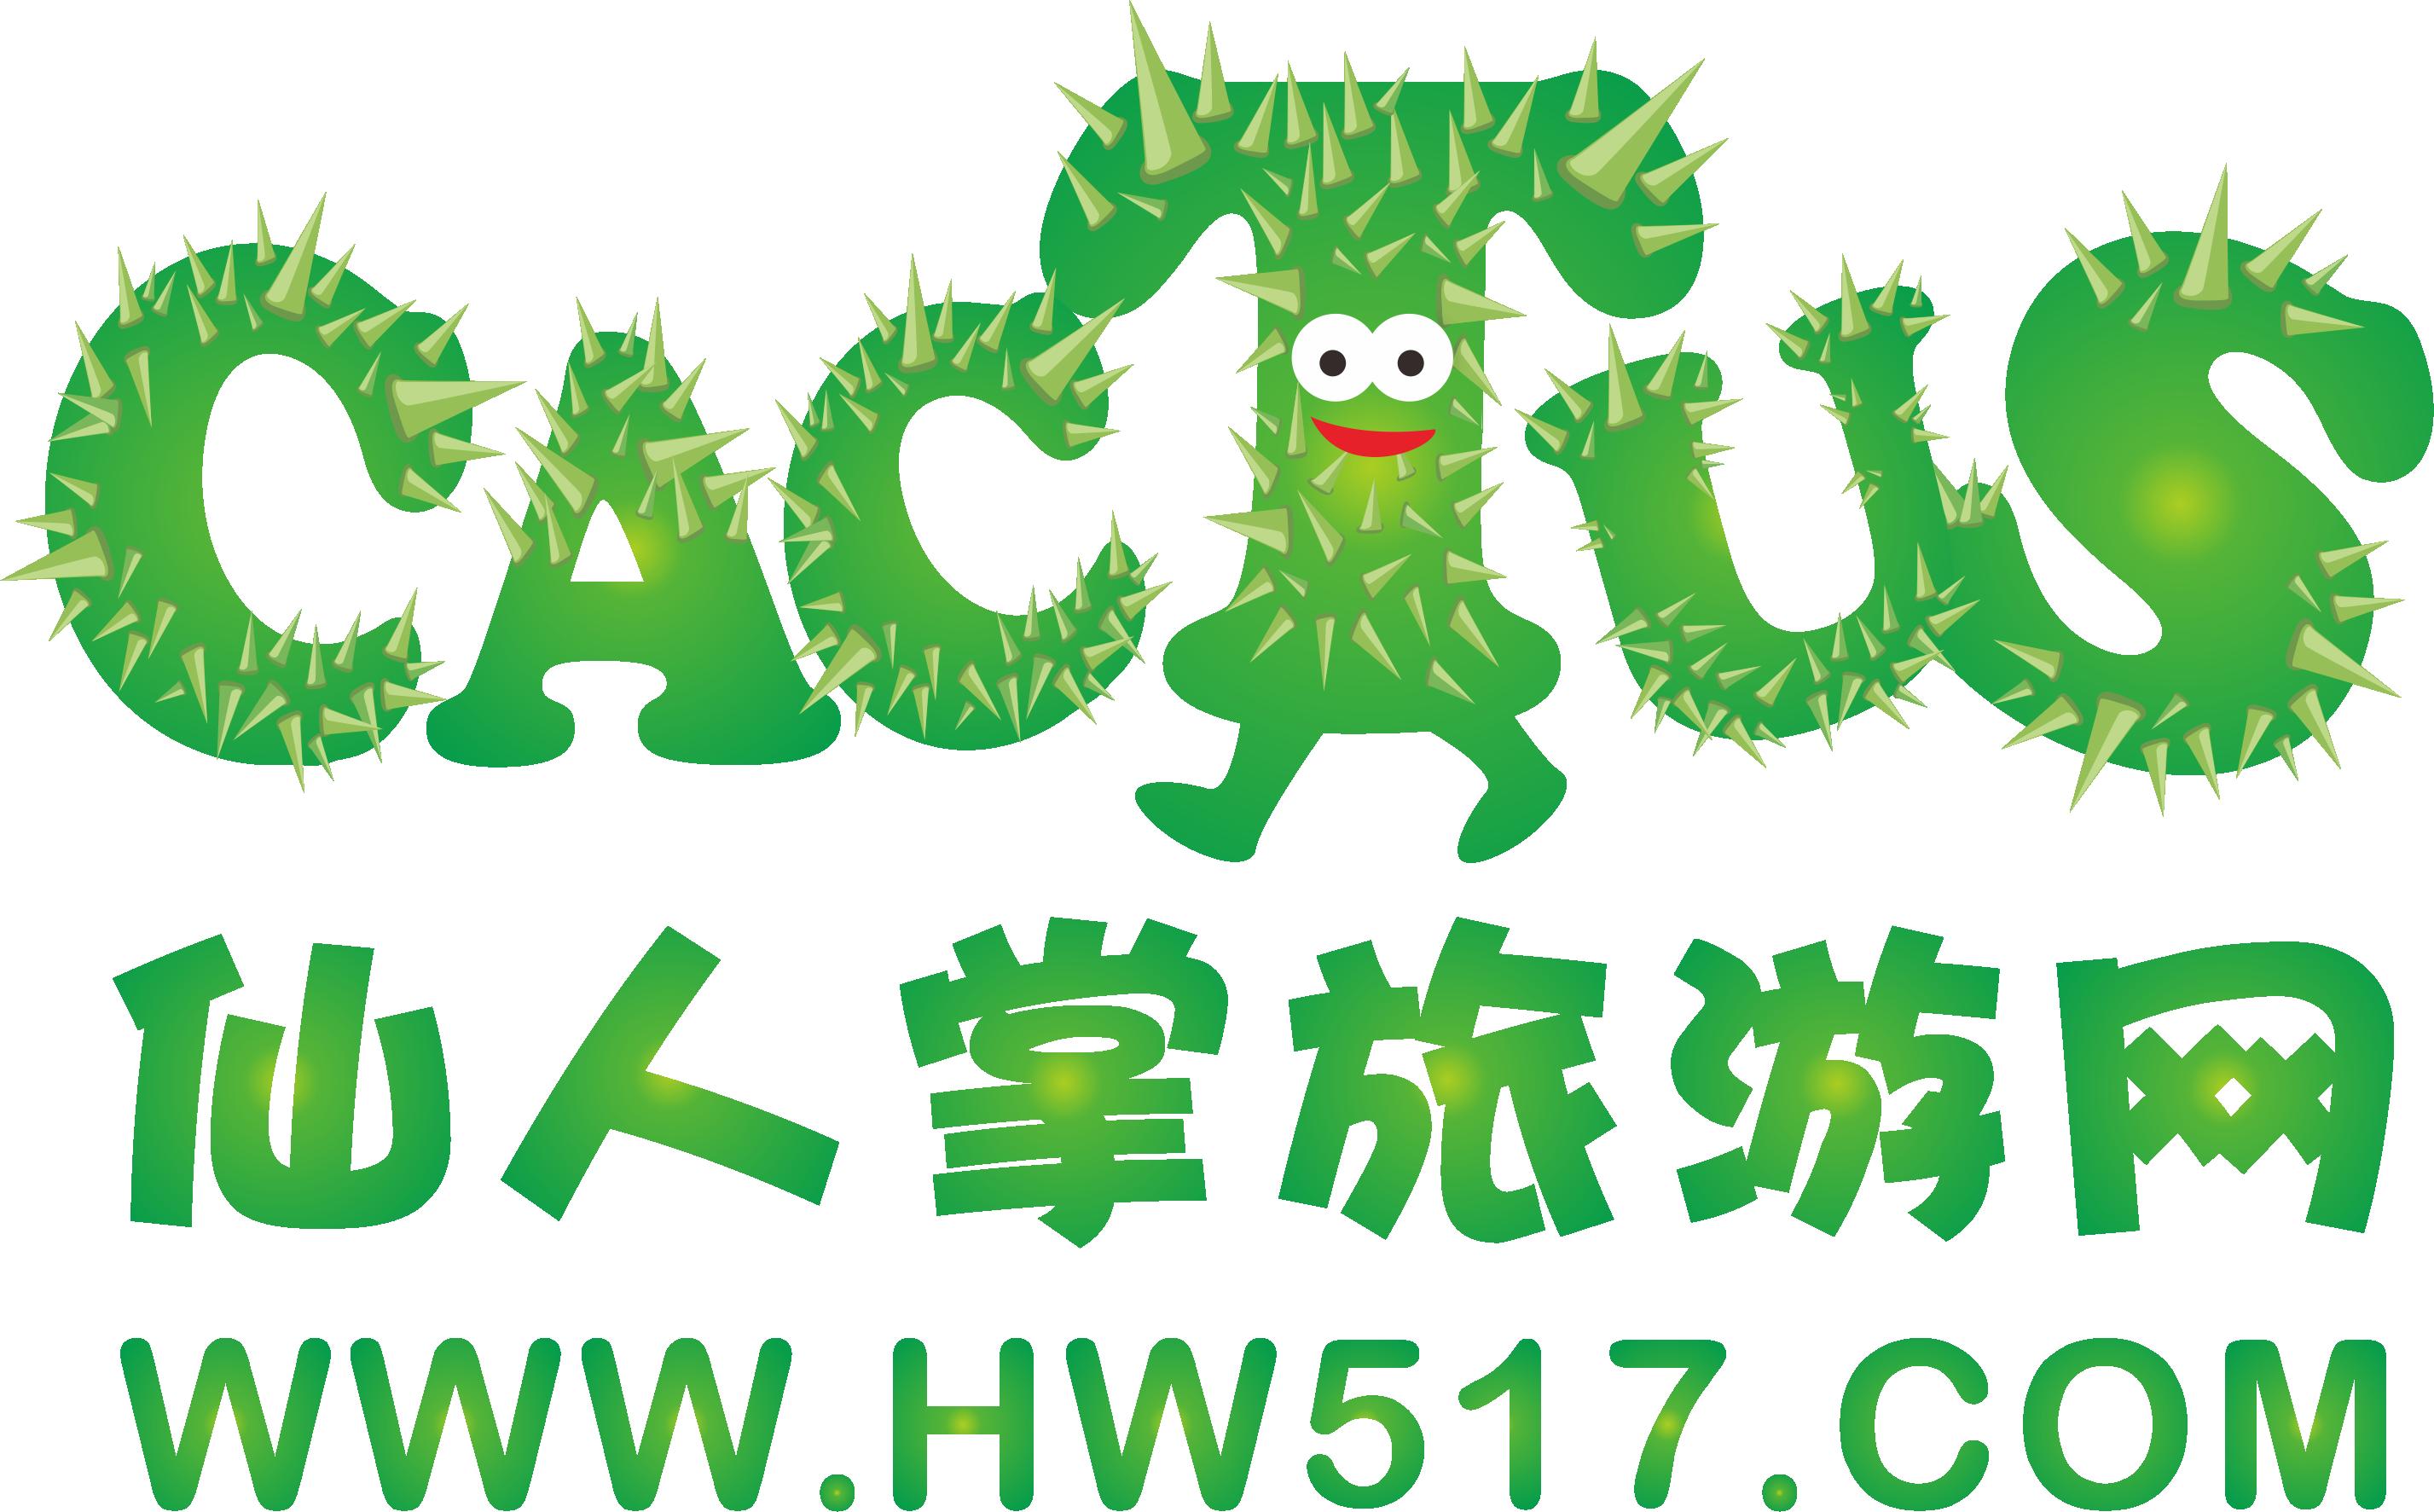 【仙人掌旅游】宁波慈城古镇、天童禅寺.杭州湾湿地特价二日游